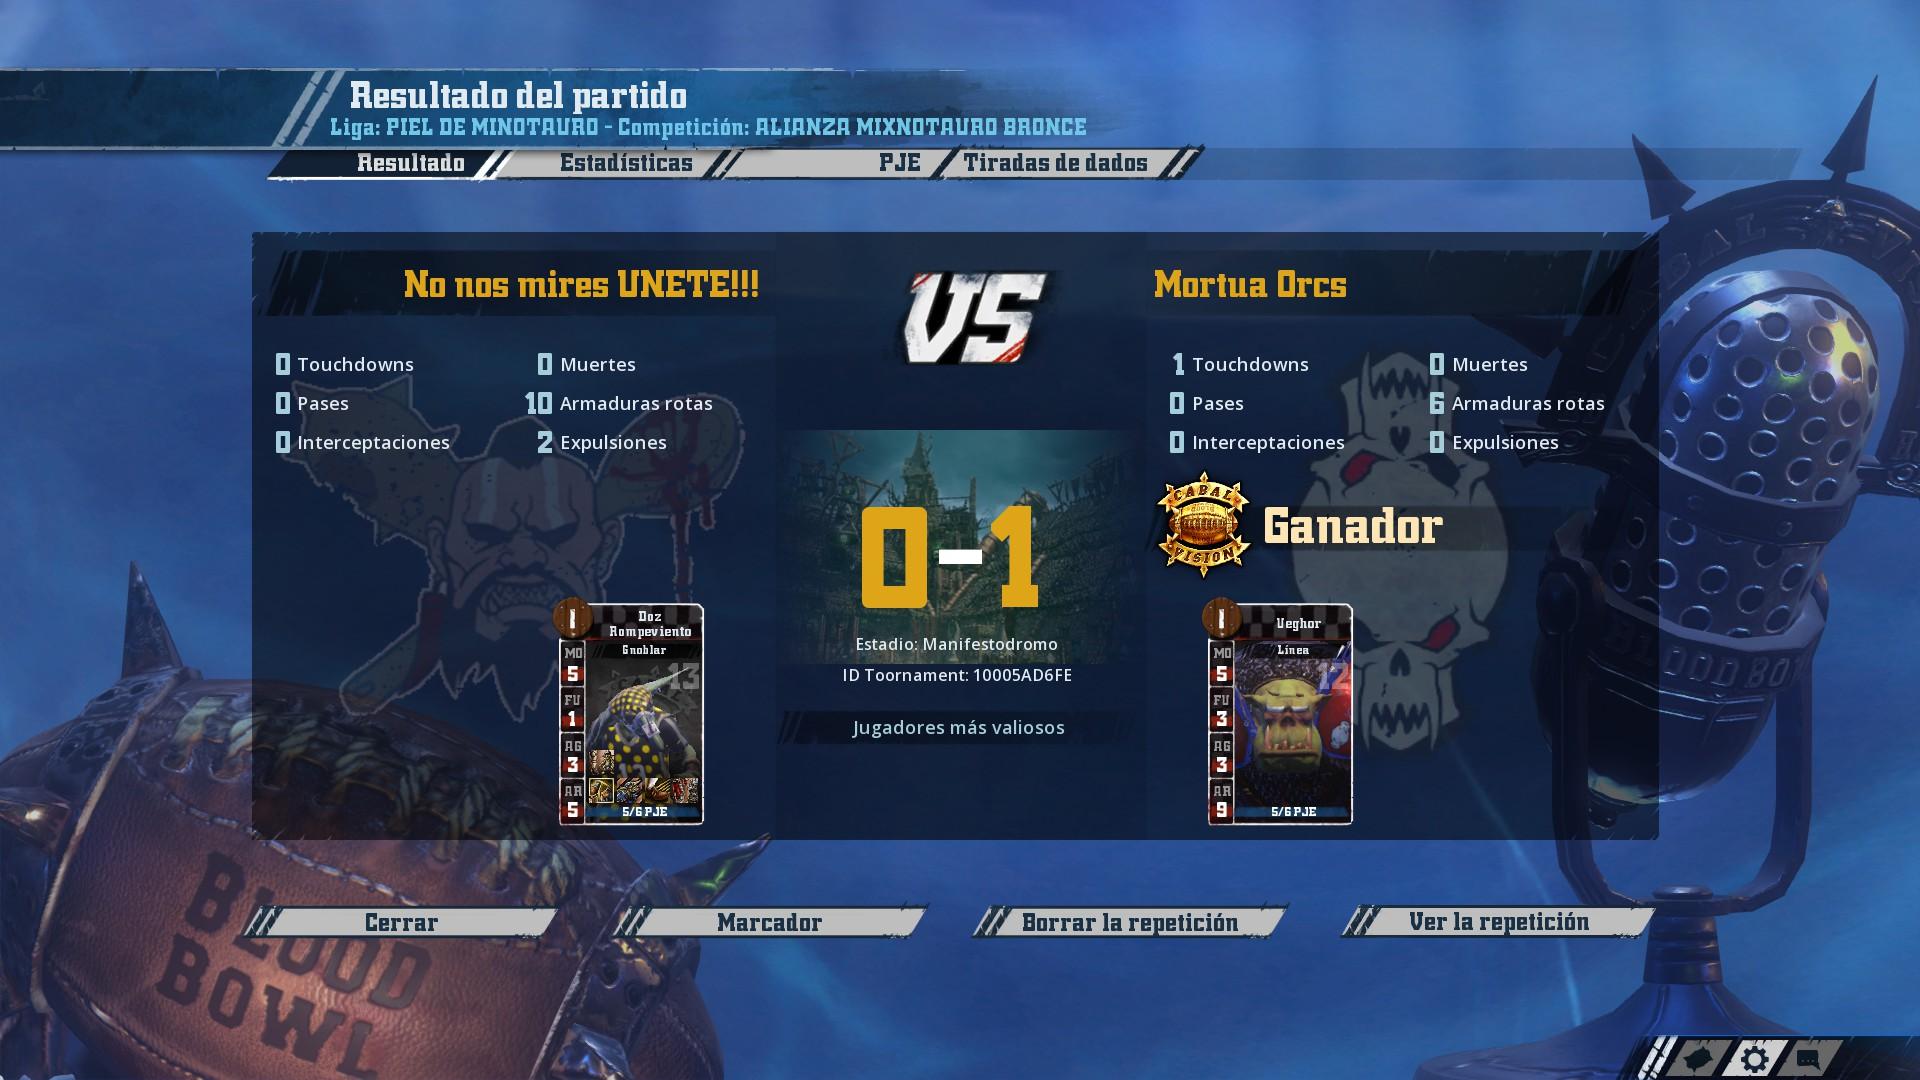 Liga Alianza Mixnotauro 1 - División CUERNO DE BRONCE / Jornada 3  - hasta el domingo 10 de marzo F127AE069790CF7E81FD62605E1910B1B7D247EA